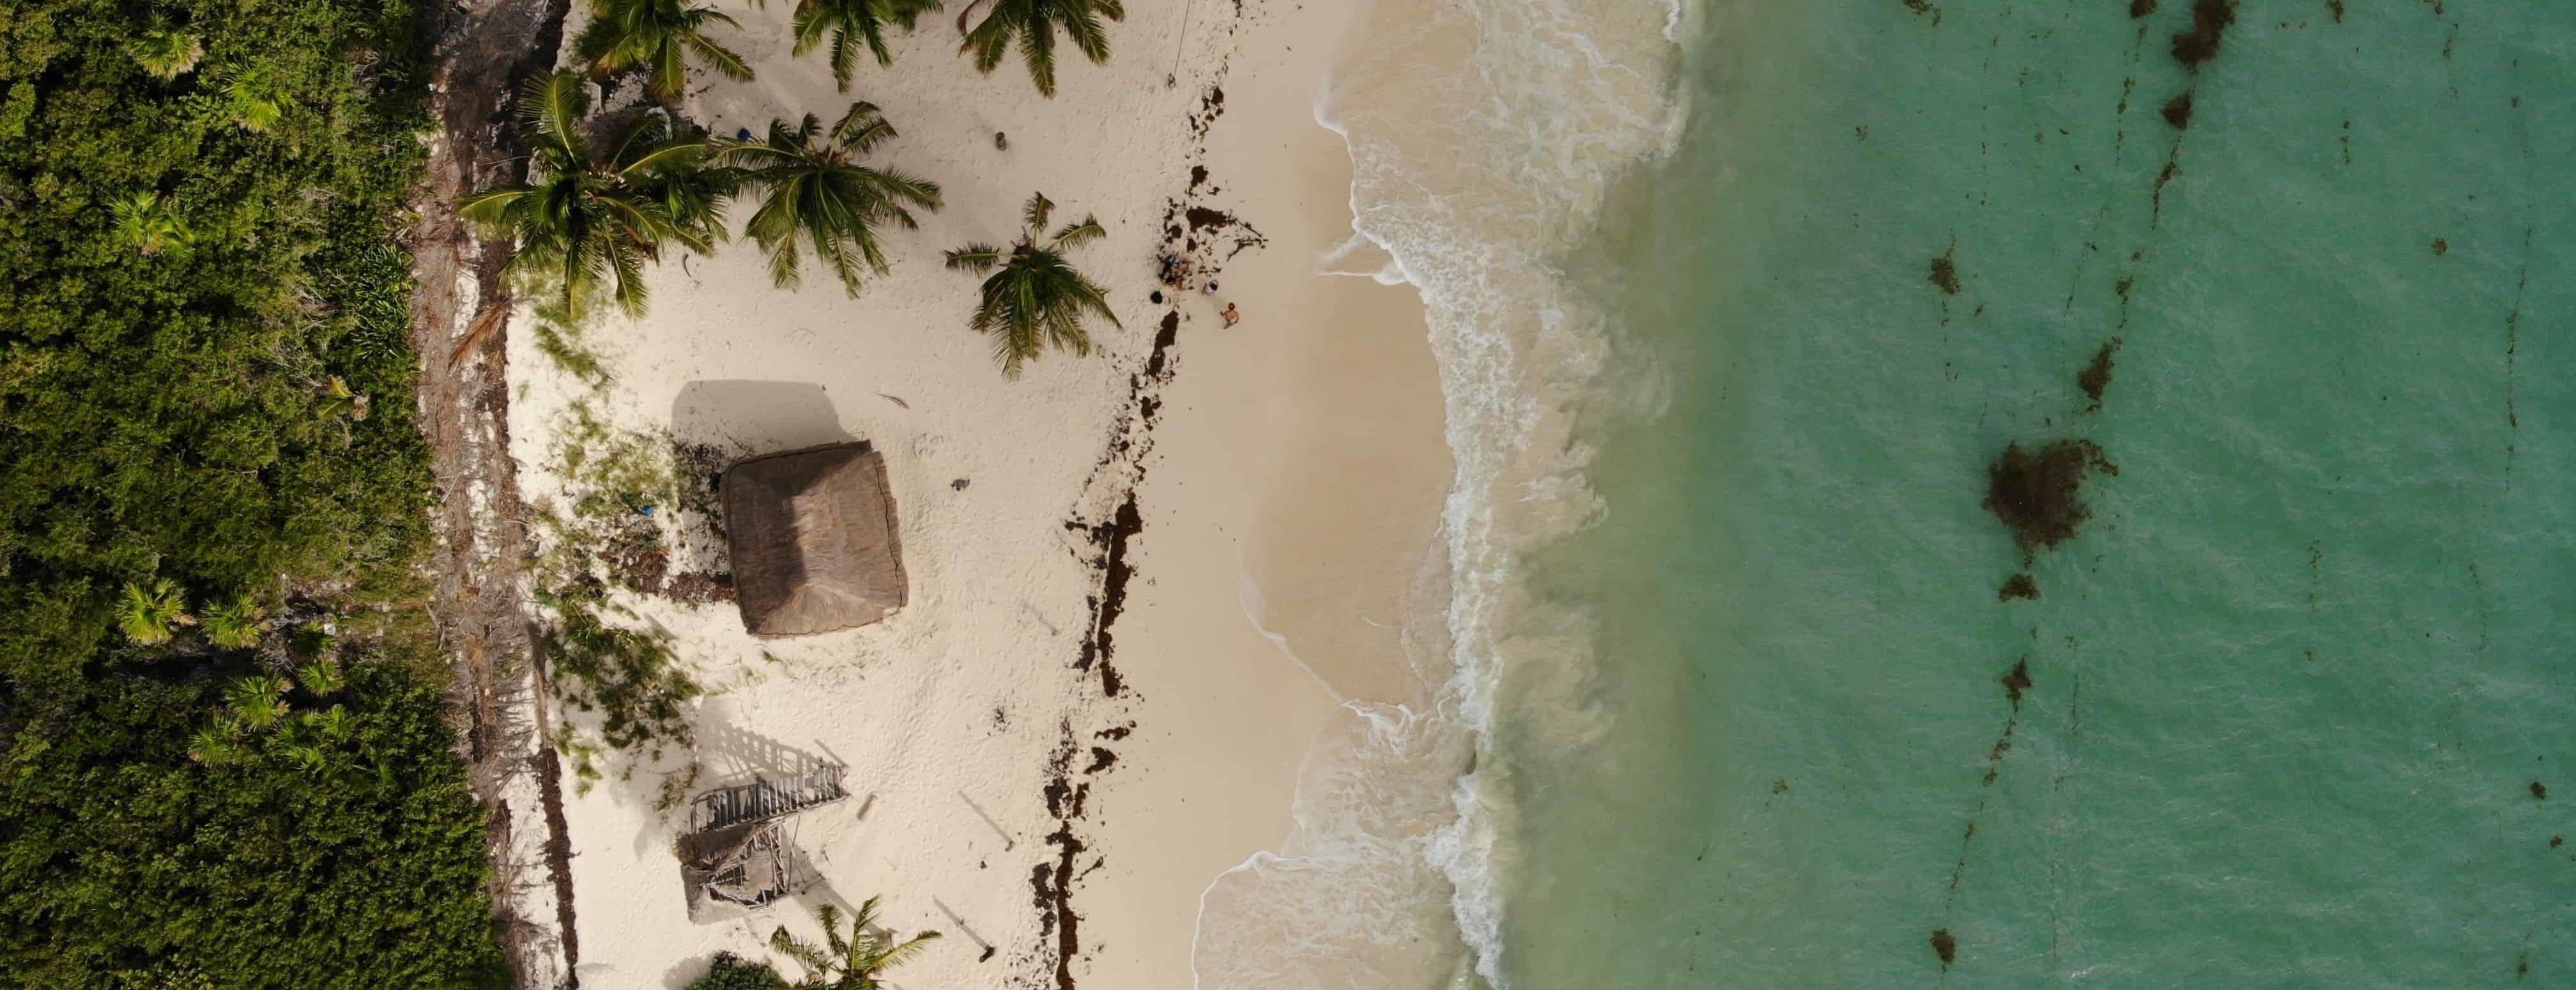 playa en la riviera maya